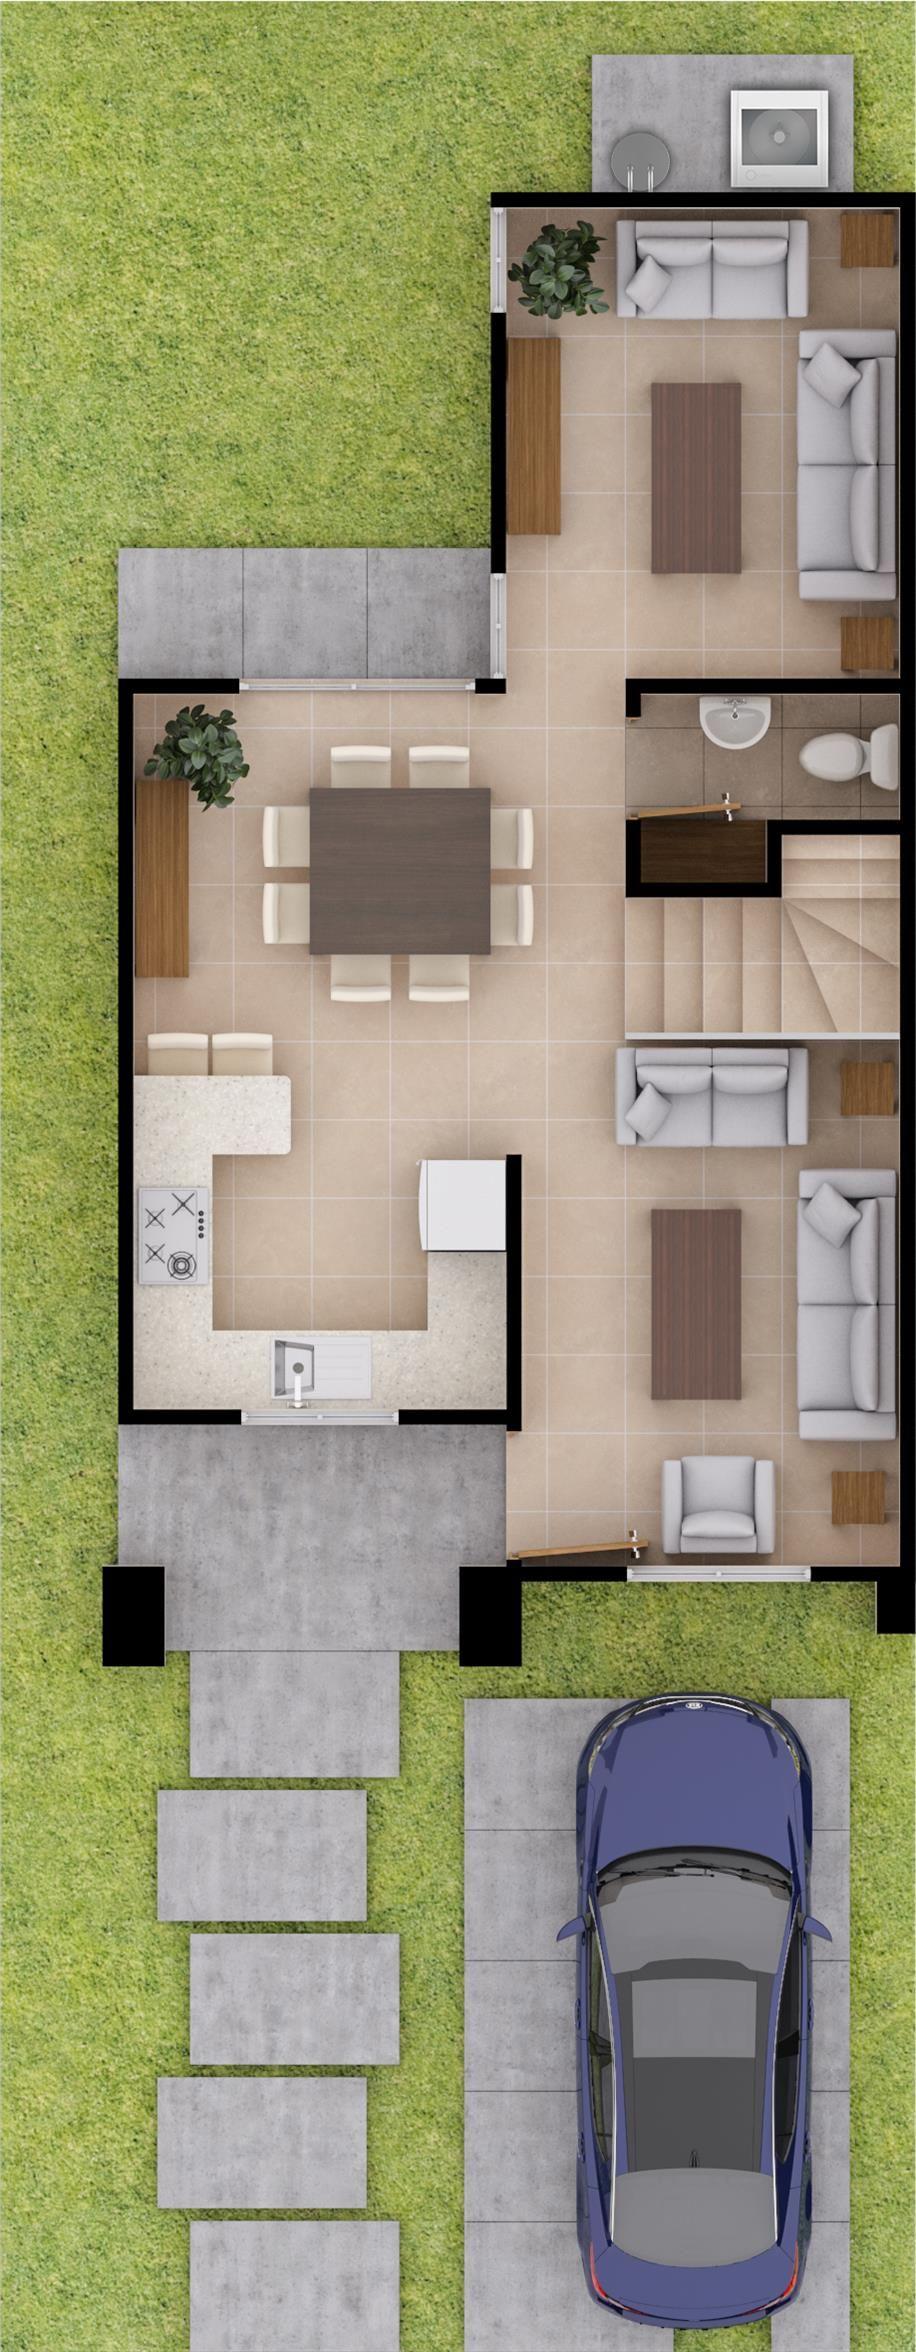 Modelo mila casas visi n mexicali tijuana guadalajara for Fachadas de casas modernas en hermosillo